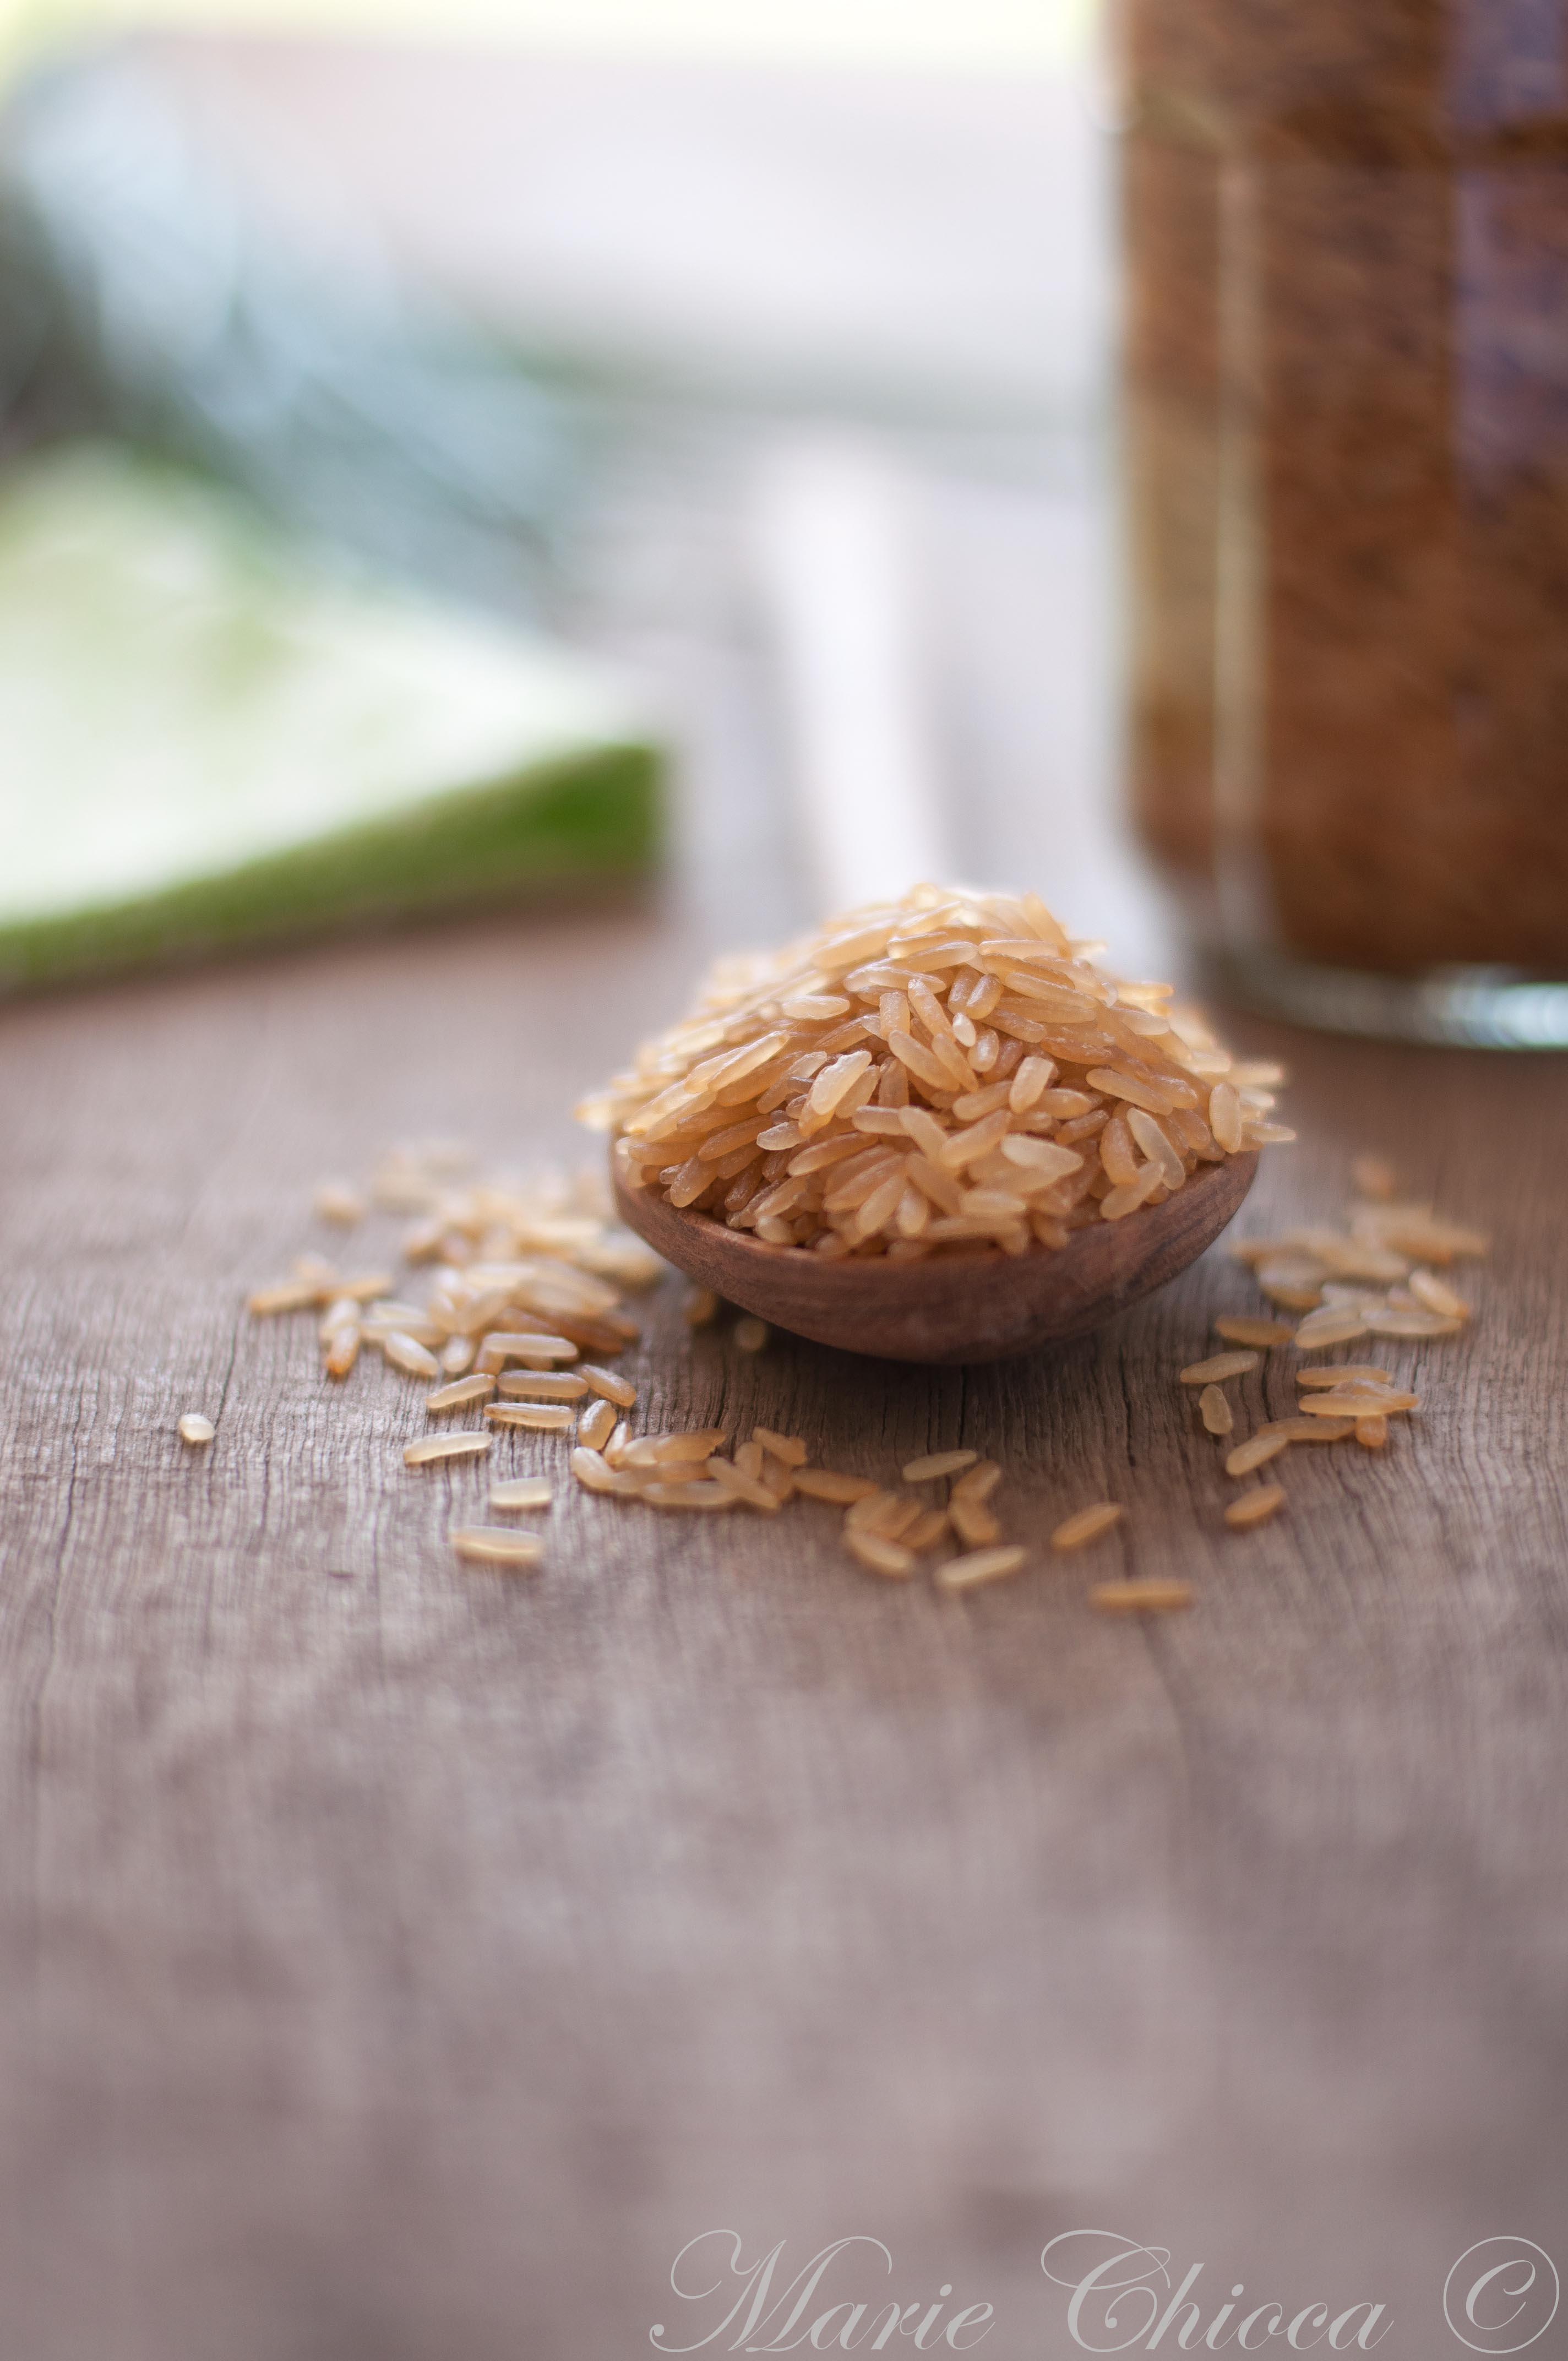 Du riz basmati complet, pour un IG plus raisonnable